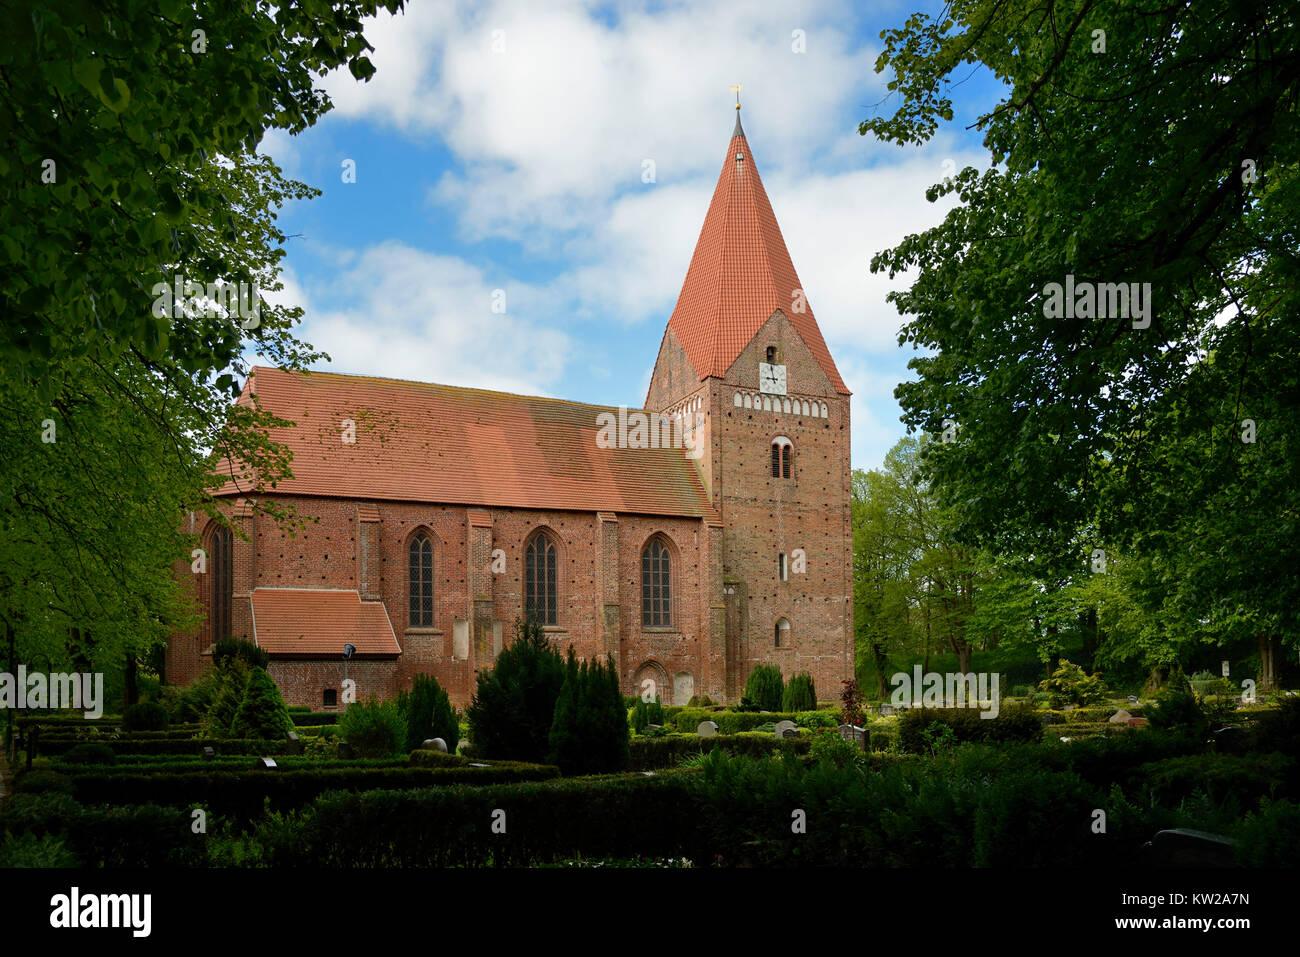 Baltic island Poel, in Romance style Gothic island church in village Kirch , Ostseeinsel Poel, romanisch gotische Stock Photo